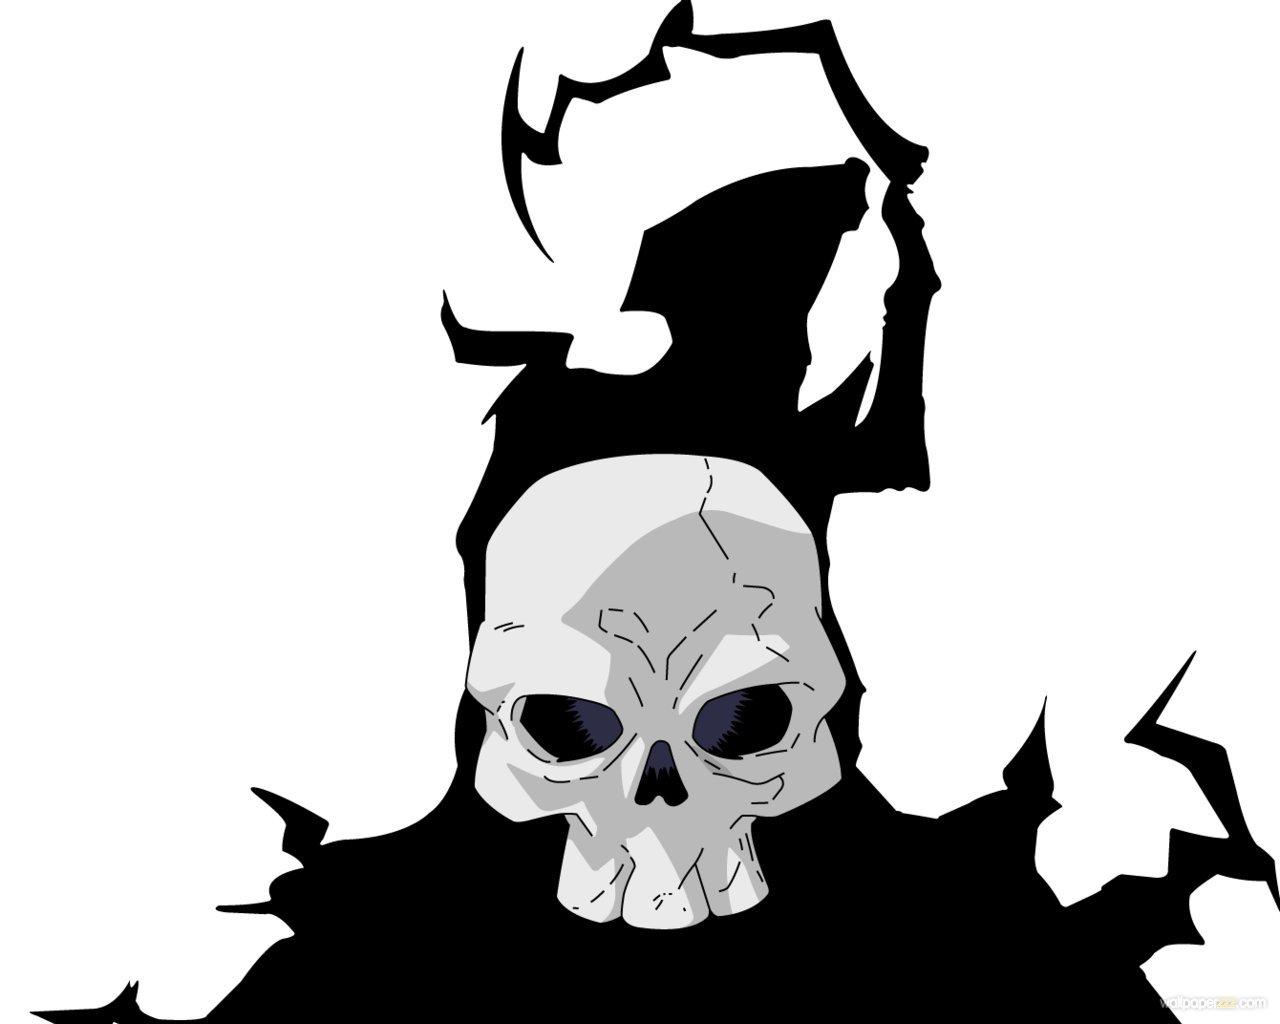 Download Skull Wallpaper Wallpaper 1280x1024